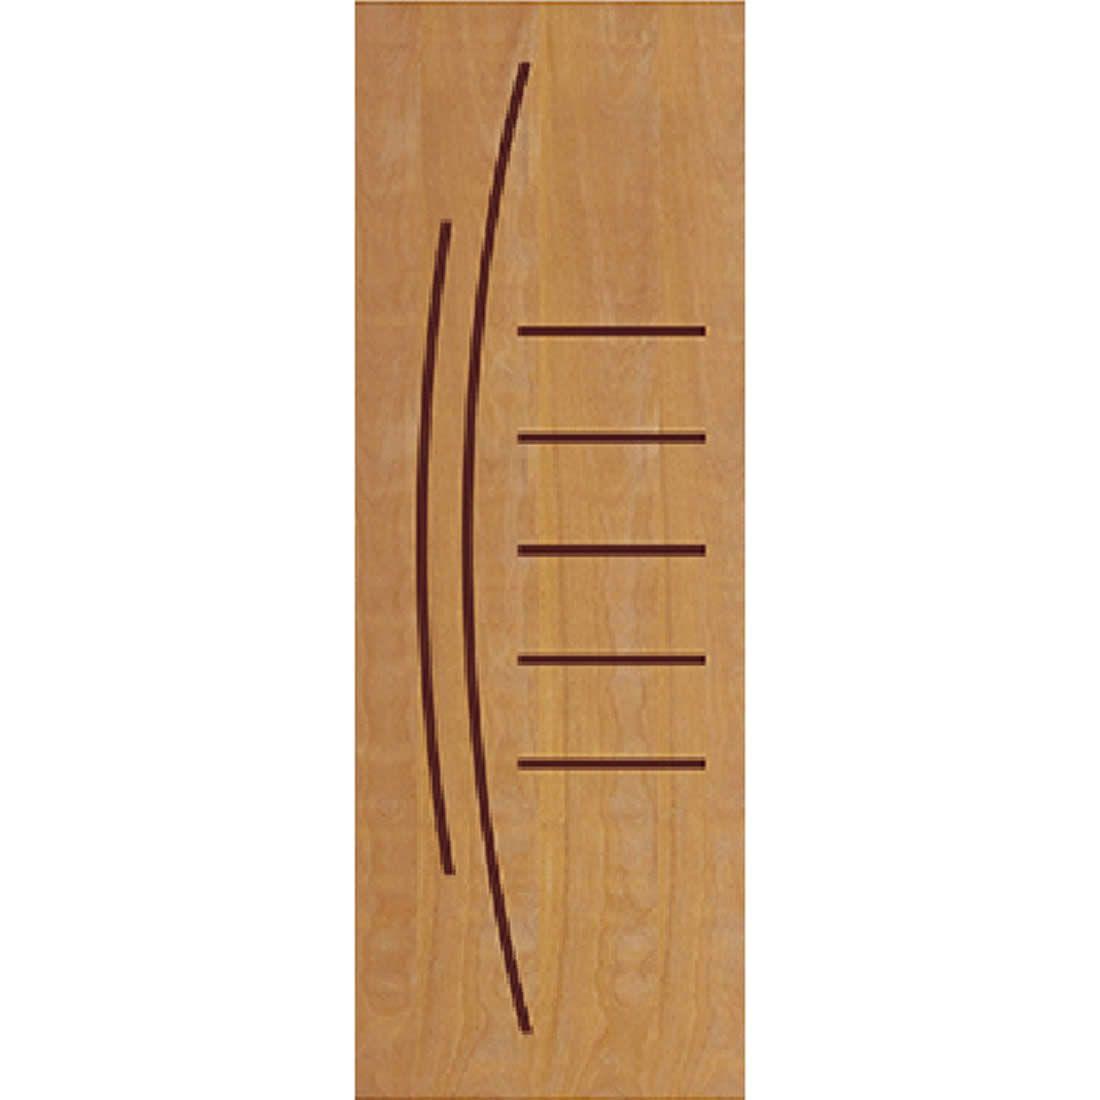 Porta 2,10 x 0,70m em Madeira Curupixa Semi Sólida Modelo 12 Frisada JB Paes